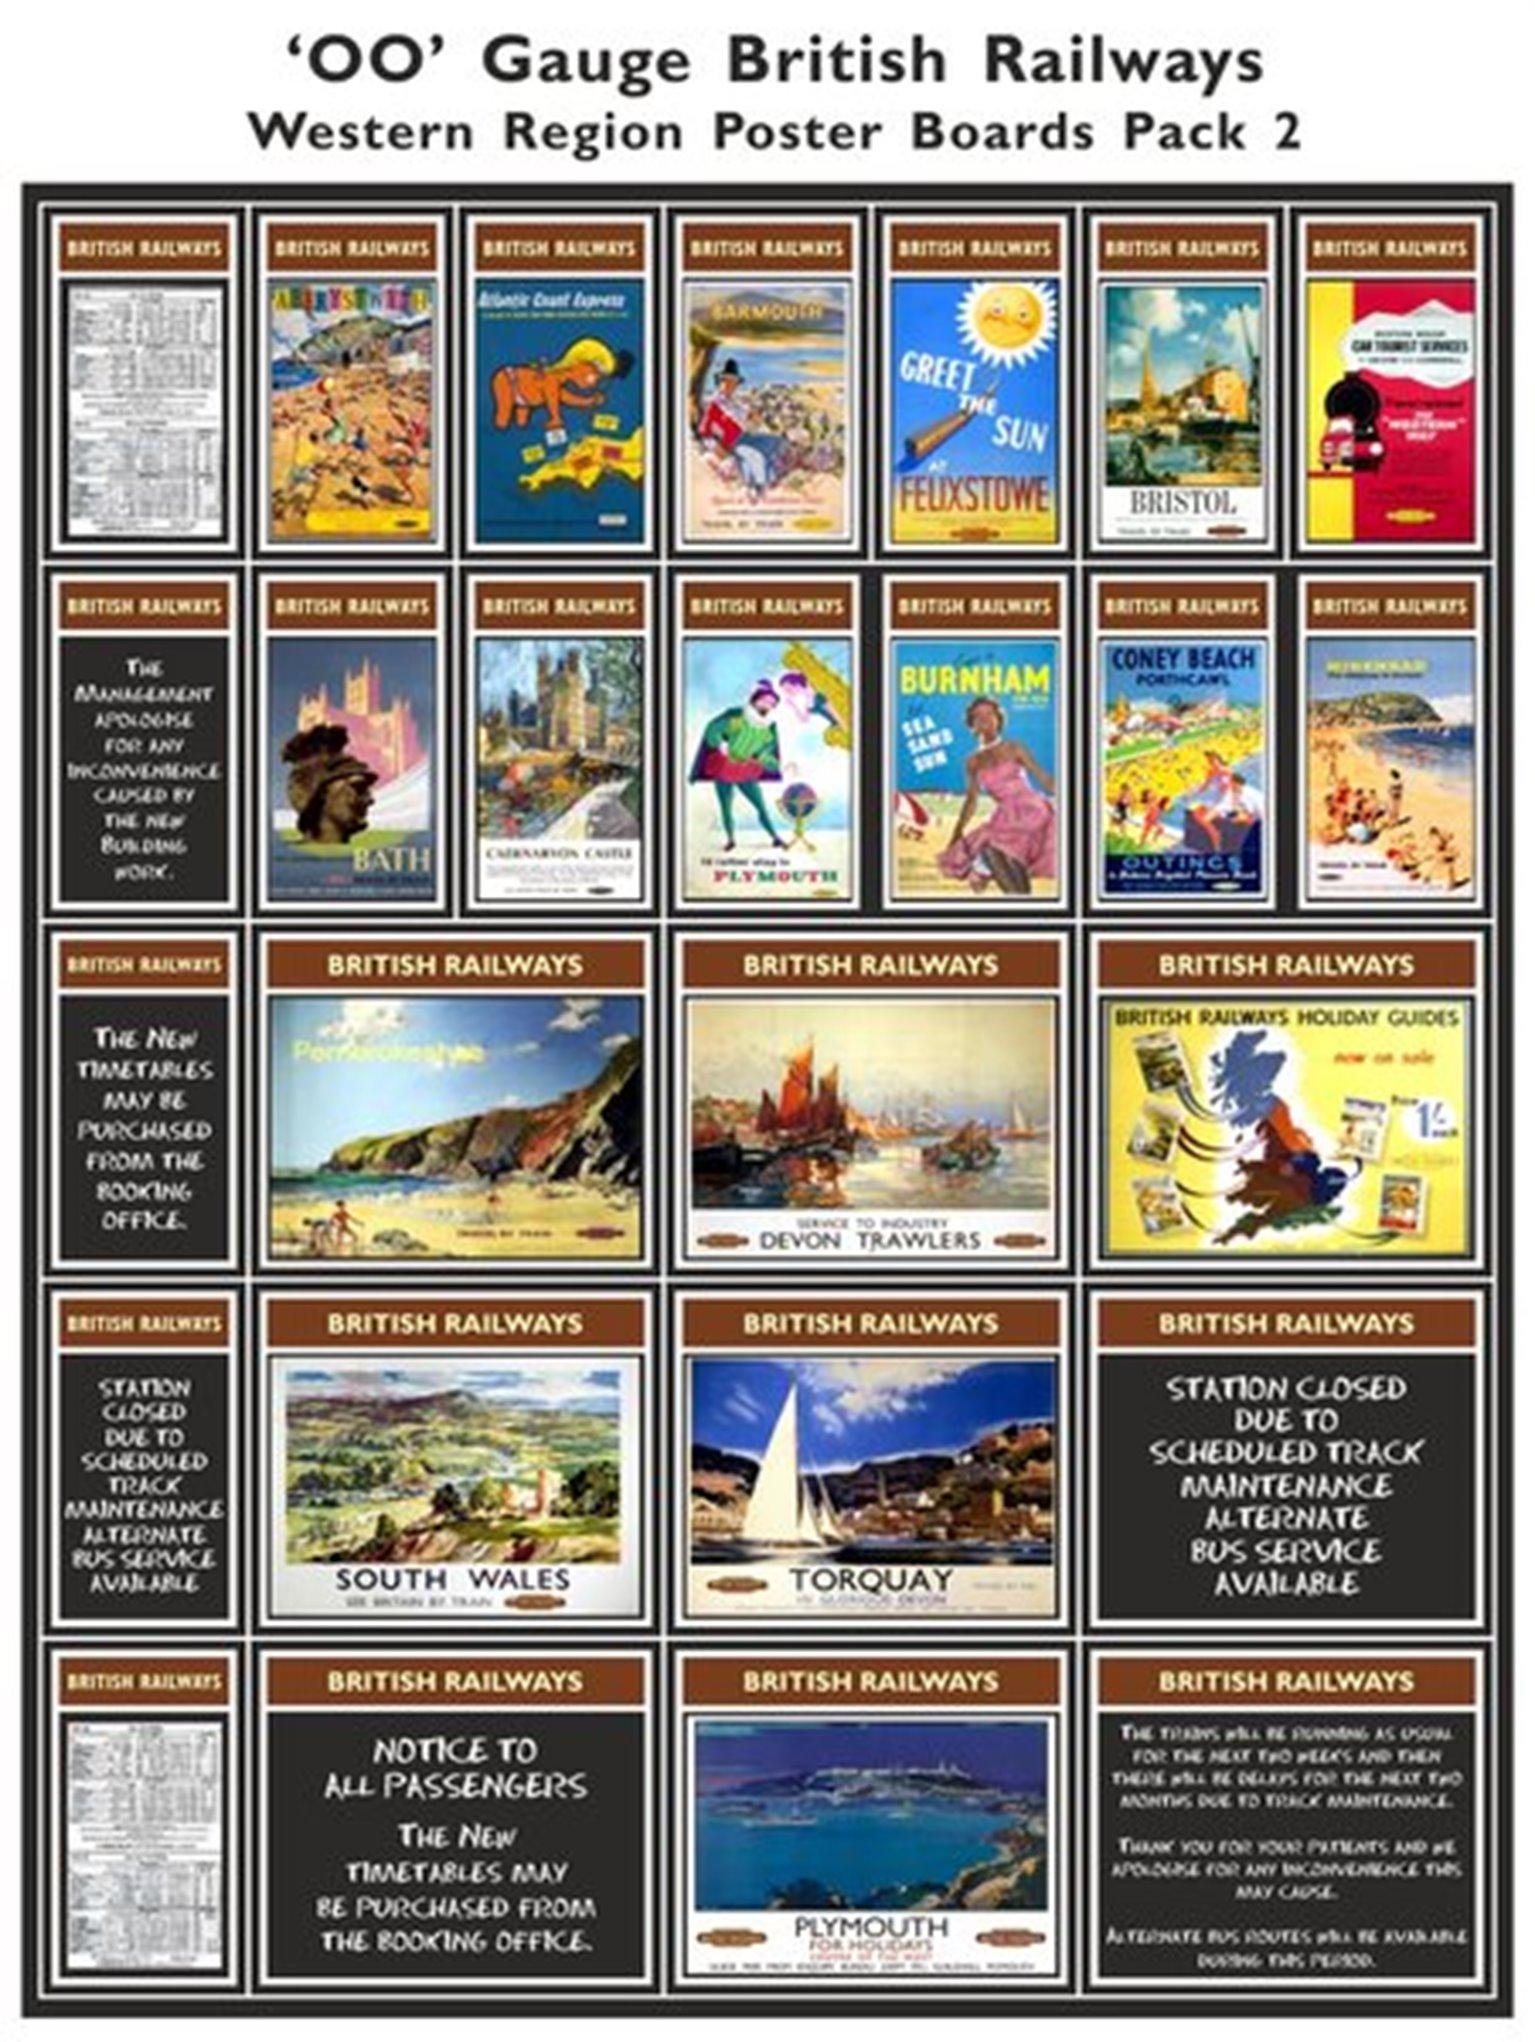 British Railways Western Region Poster Boards Pack 2